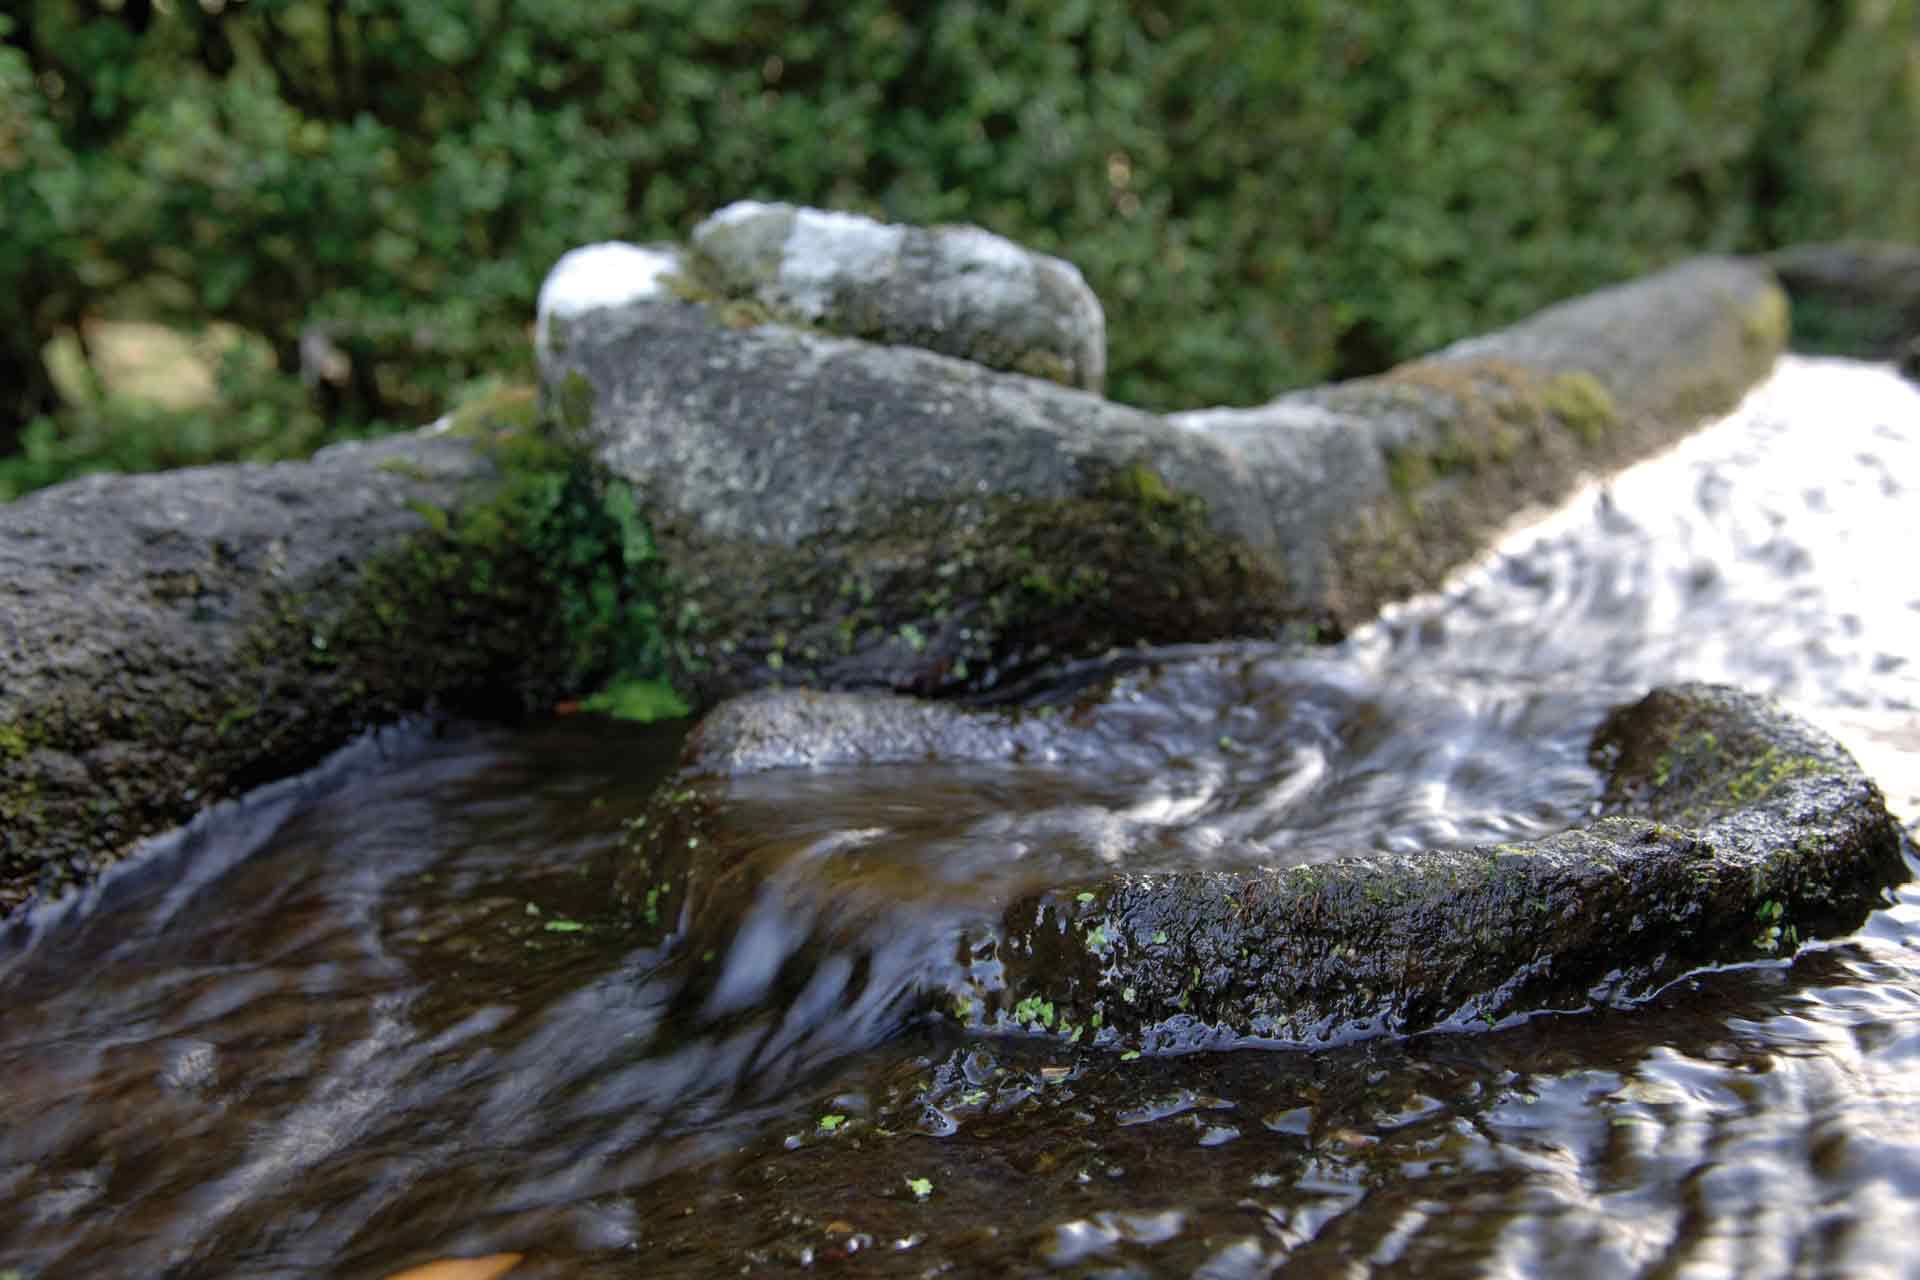 Fontane da giardino in pietra naturale micci peperino for Micci peperino